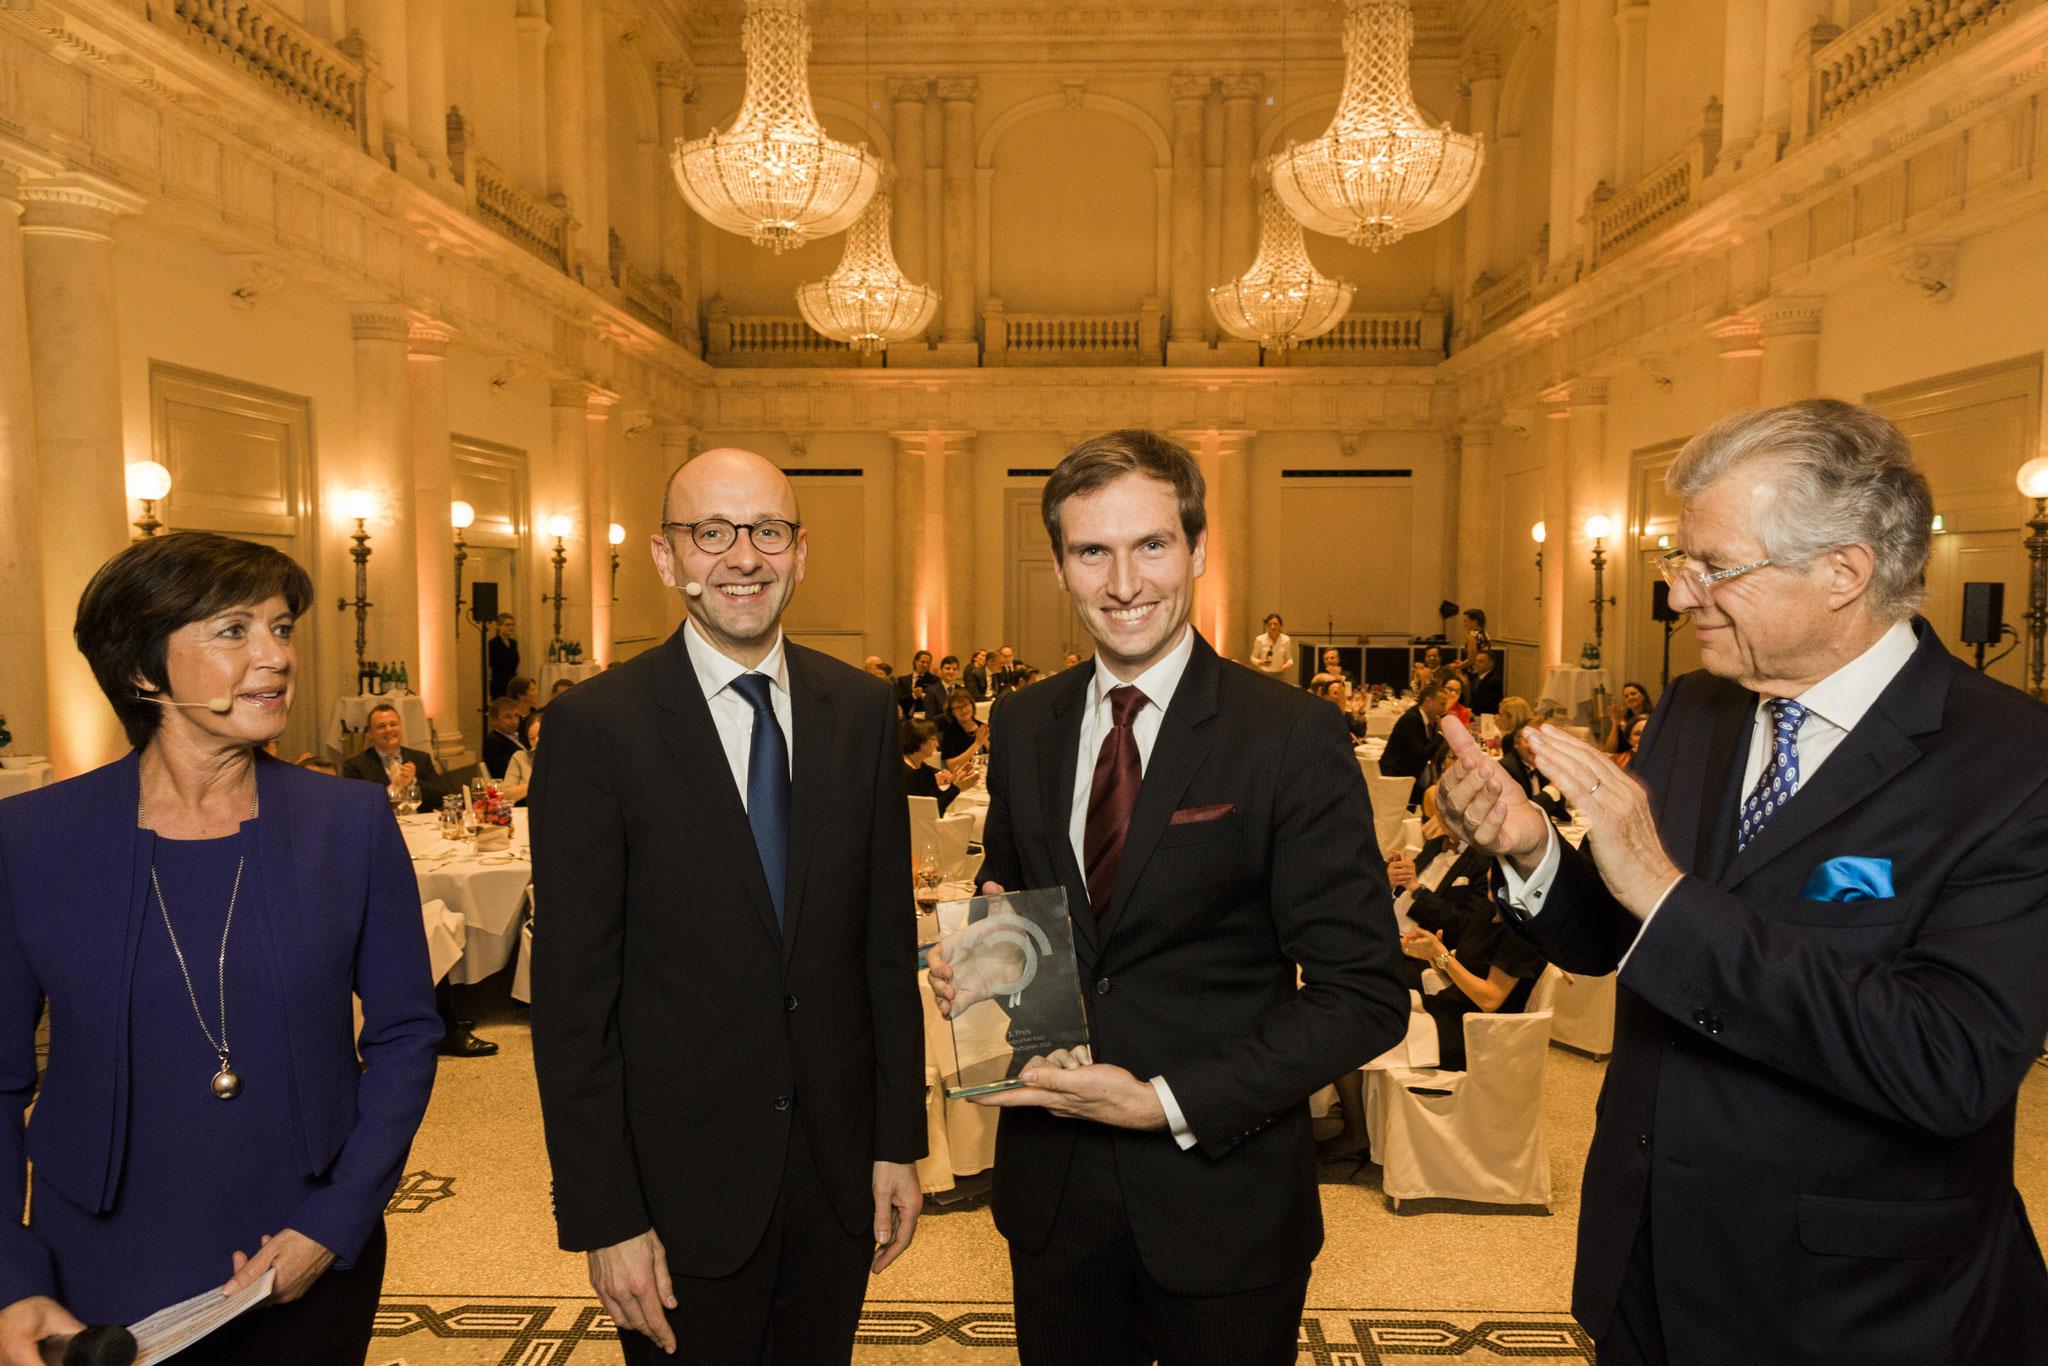 Von links:  Moderatorin Ursula Heller, Lucas Flöther, Patrick Keinert, 1. Platz Wissenschaftspreis, Bruno Kübler © 2018 Sven Döring